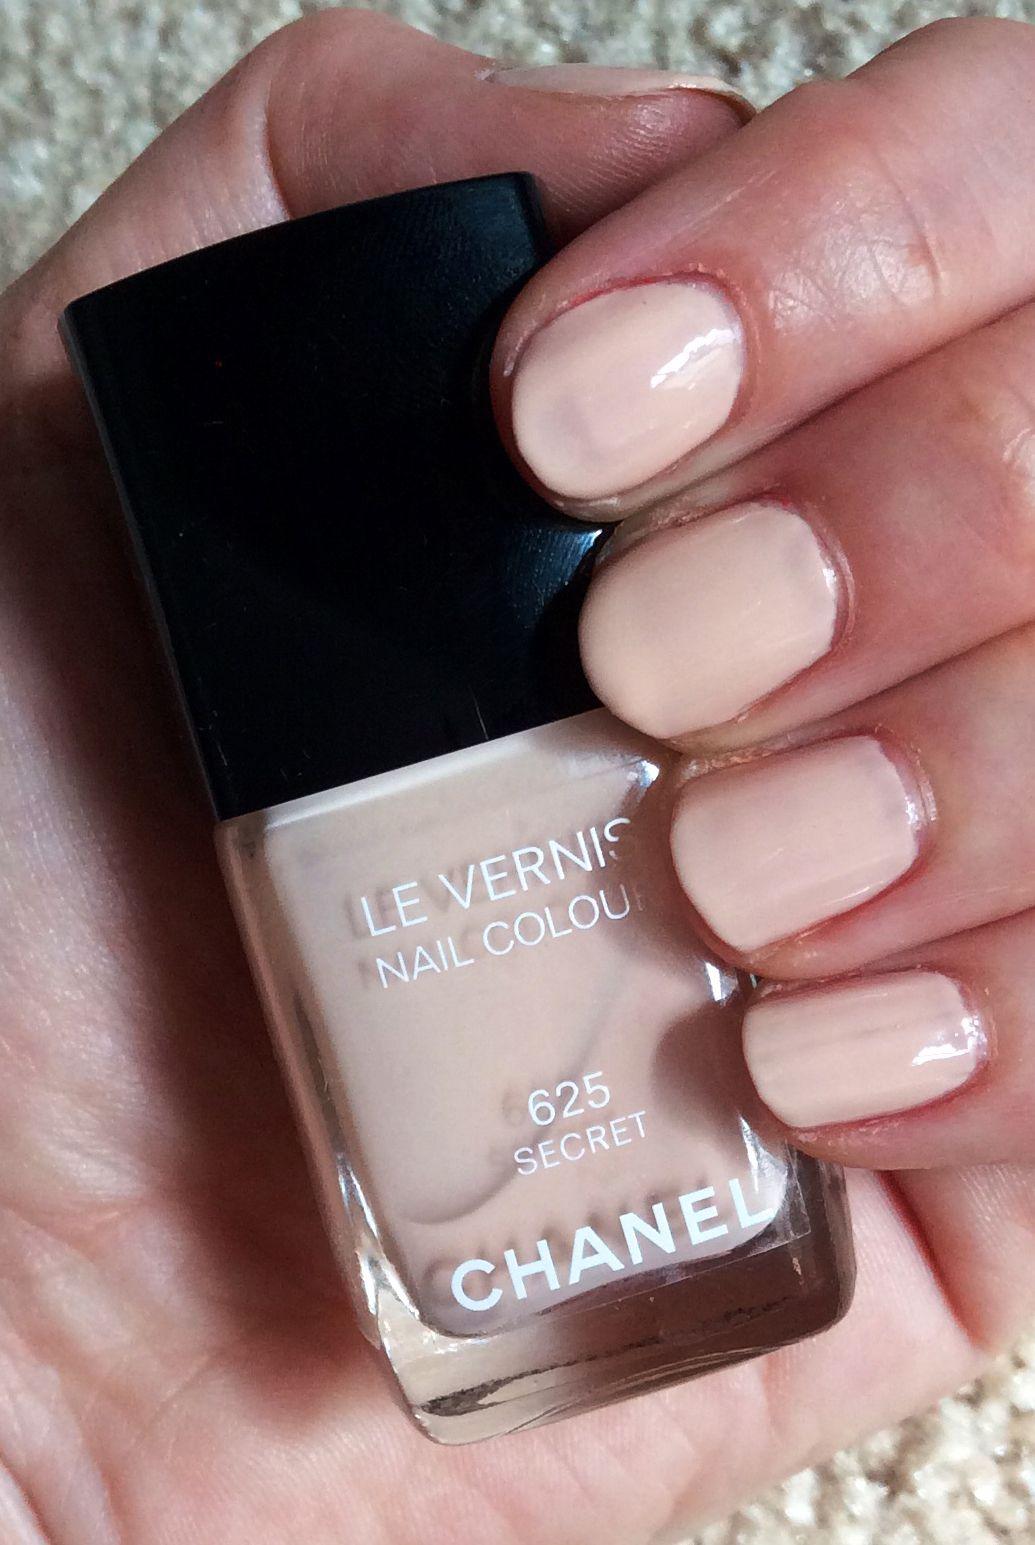 fall+nail+colors+2014 | Chanel Nail Polish Fall 2014 | Nail ...